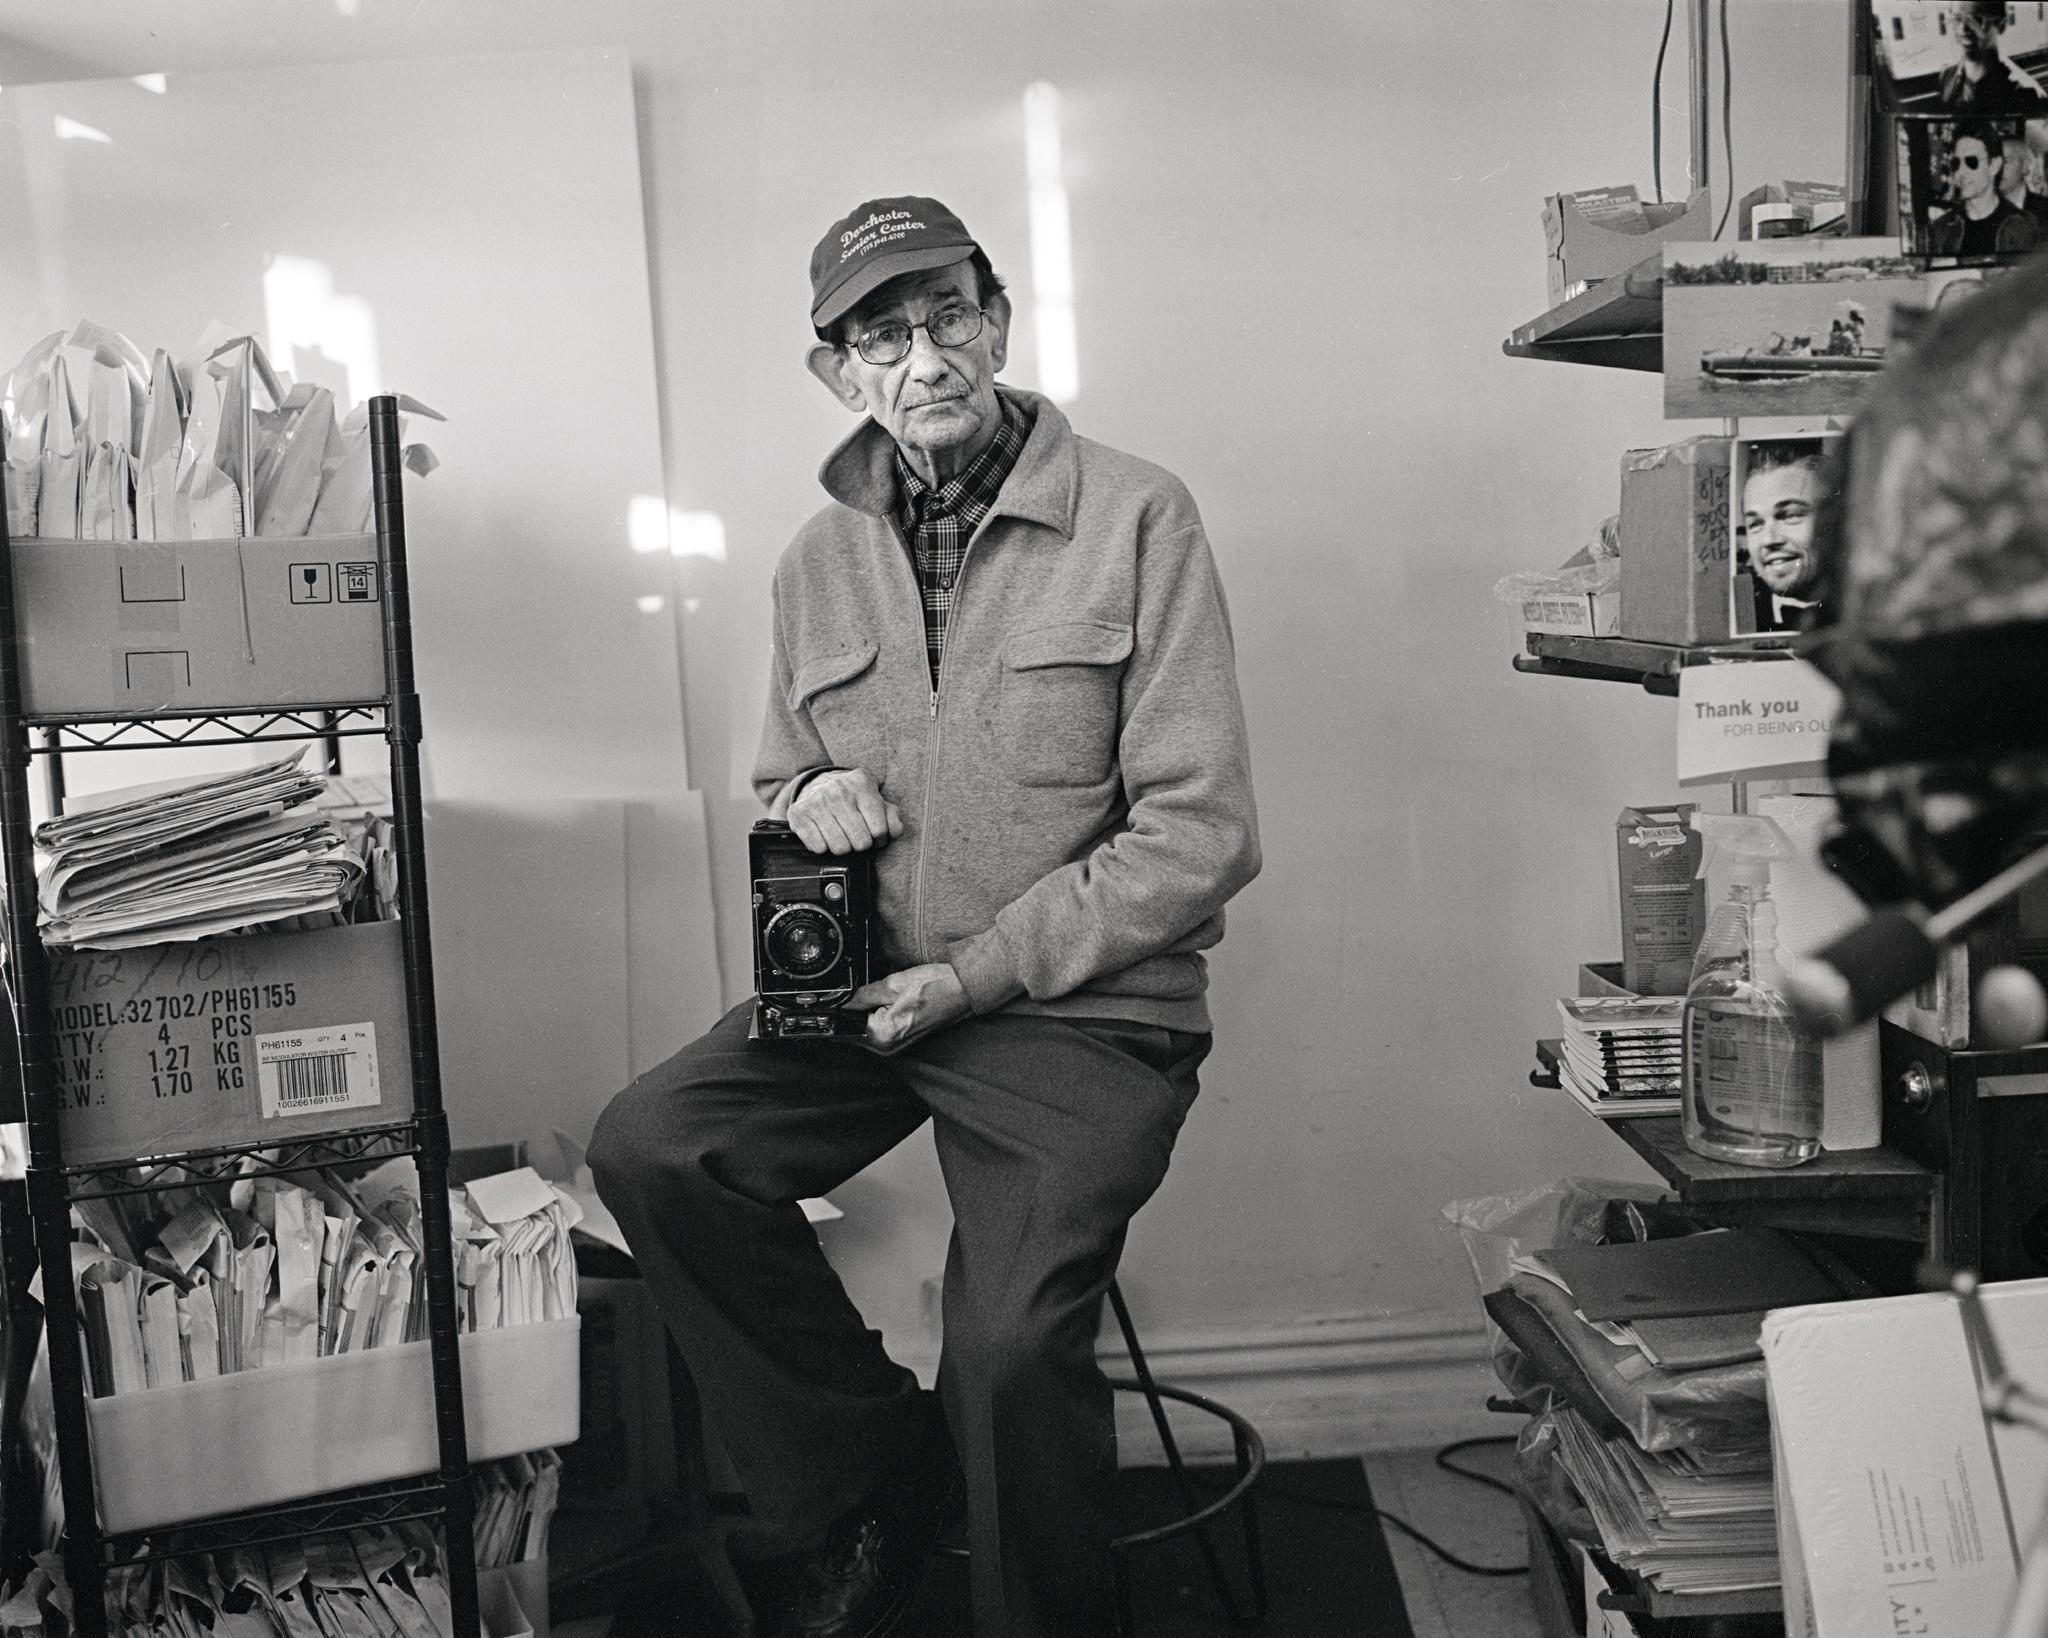 Camera shop, Brooklyn NY